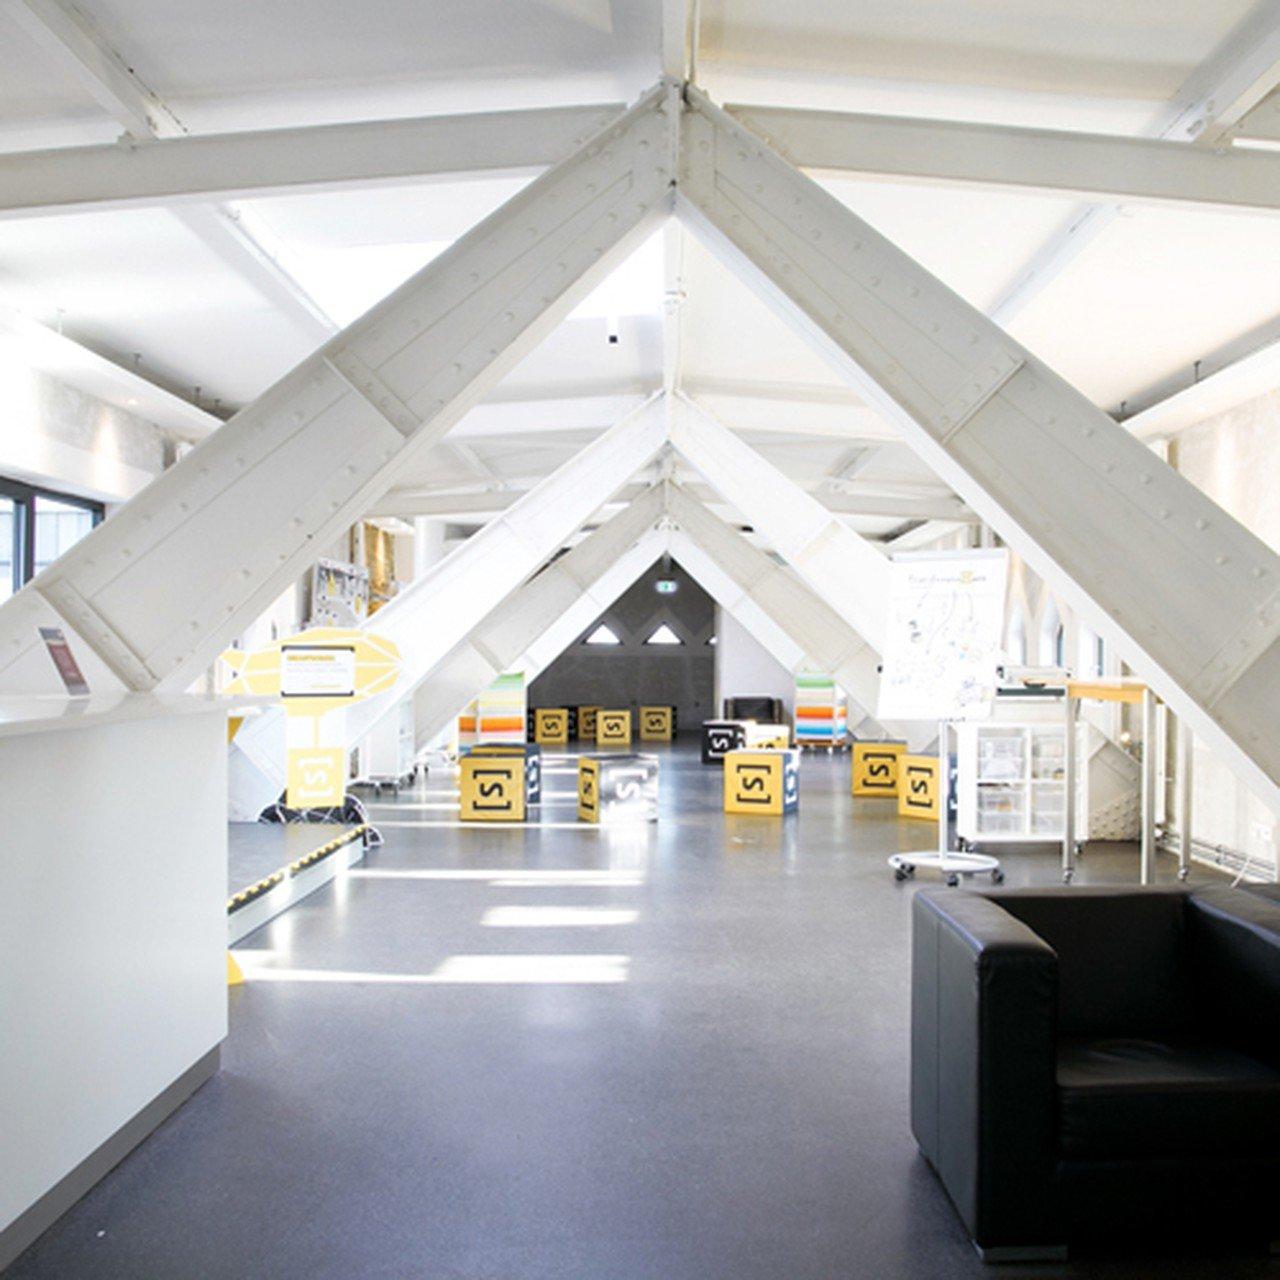 Hannover workshop spaces Industriegebäude TRANSFORMATIONSWERK - Luftschloss image 1